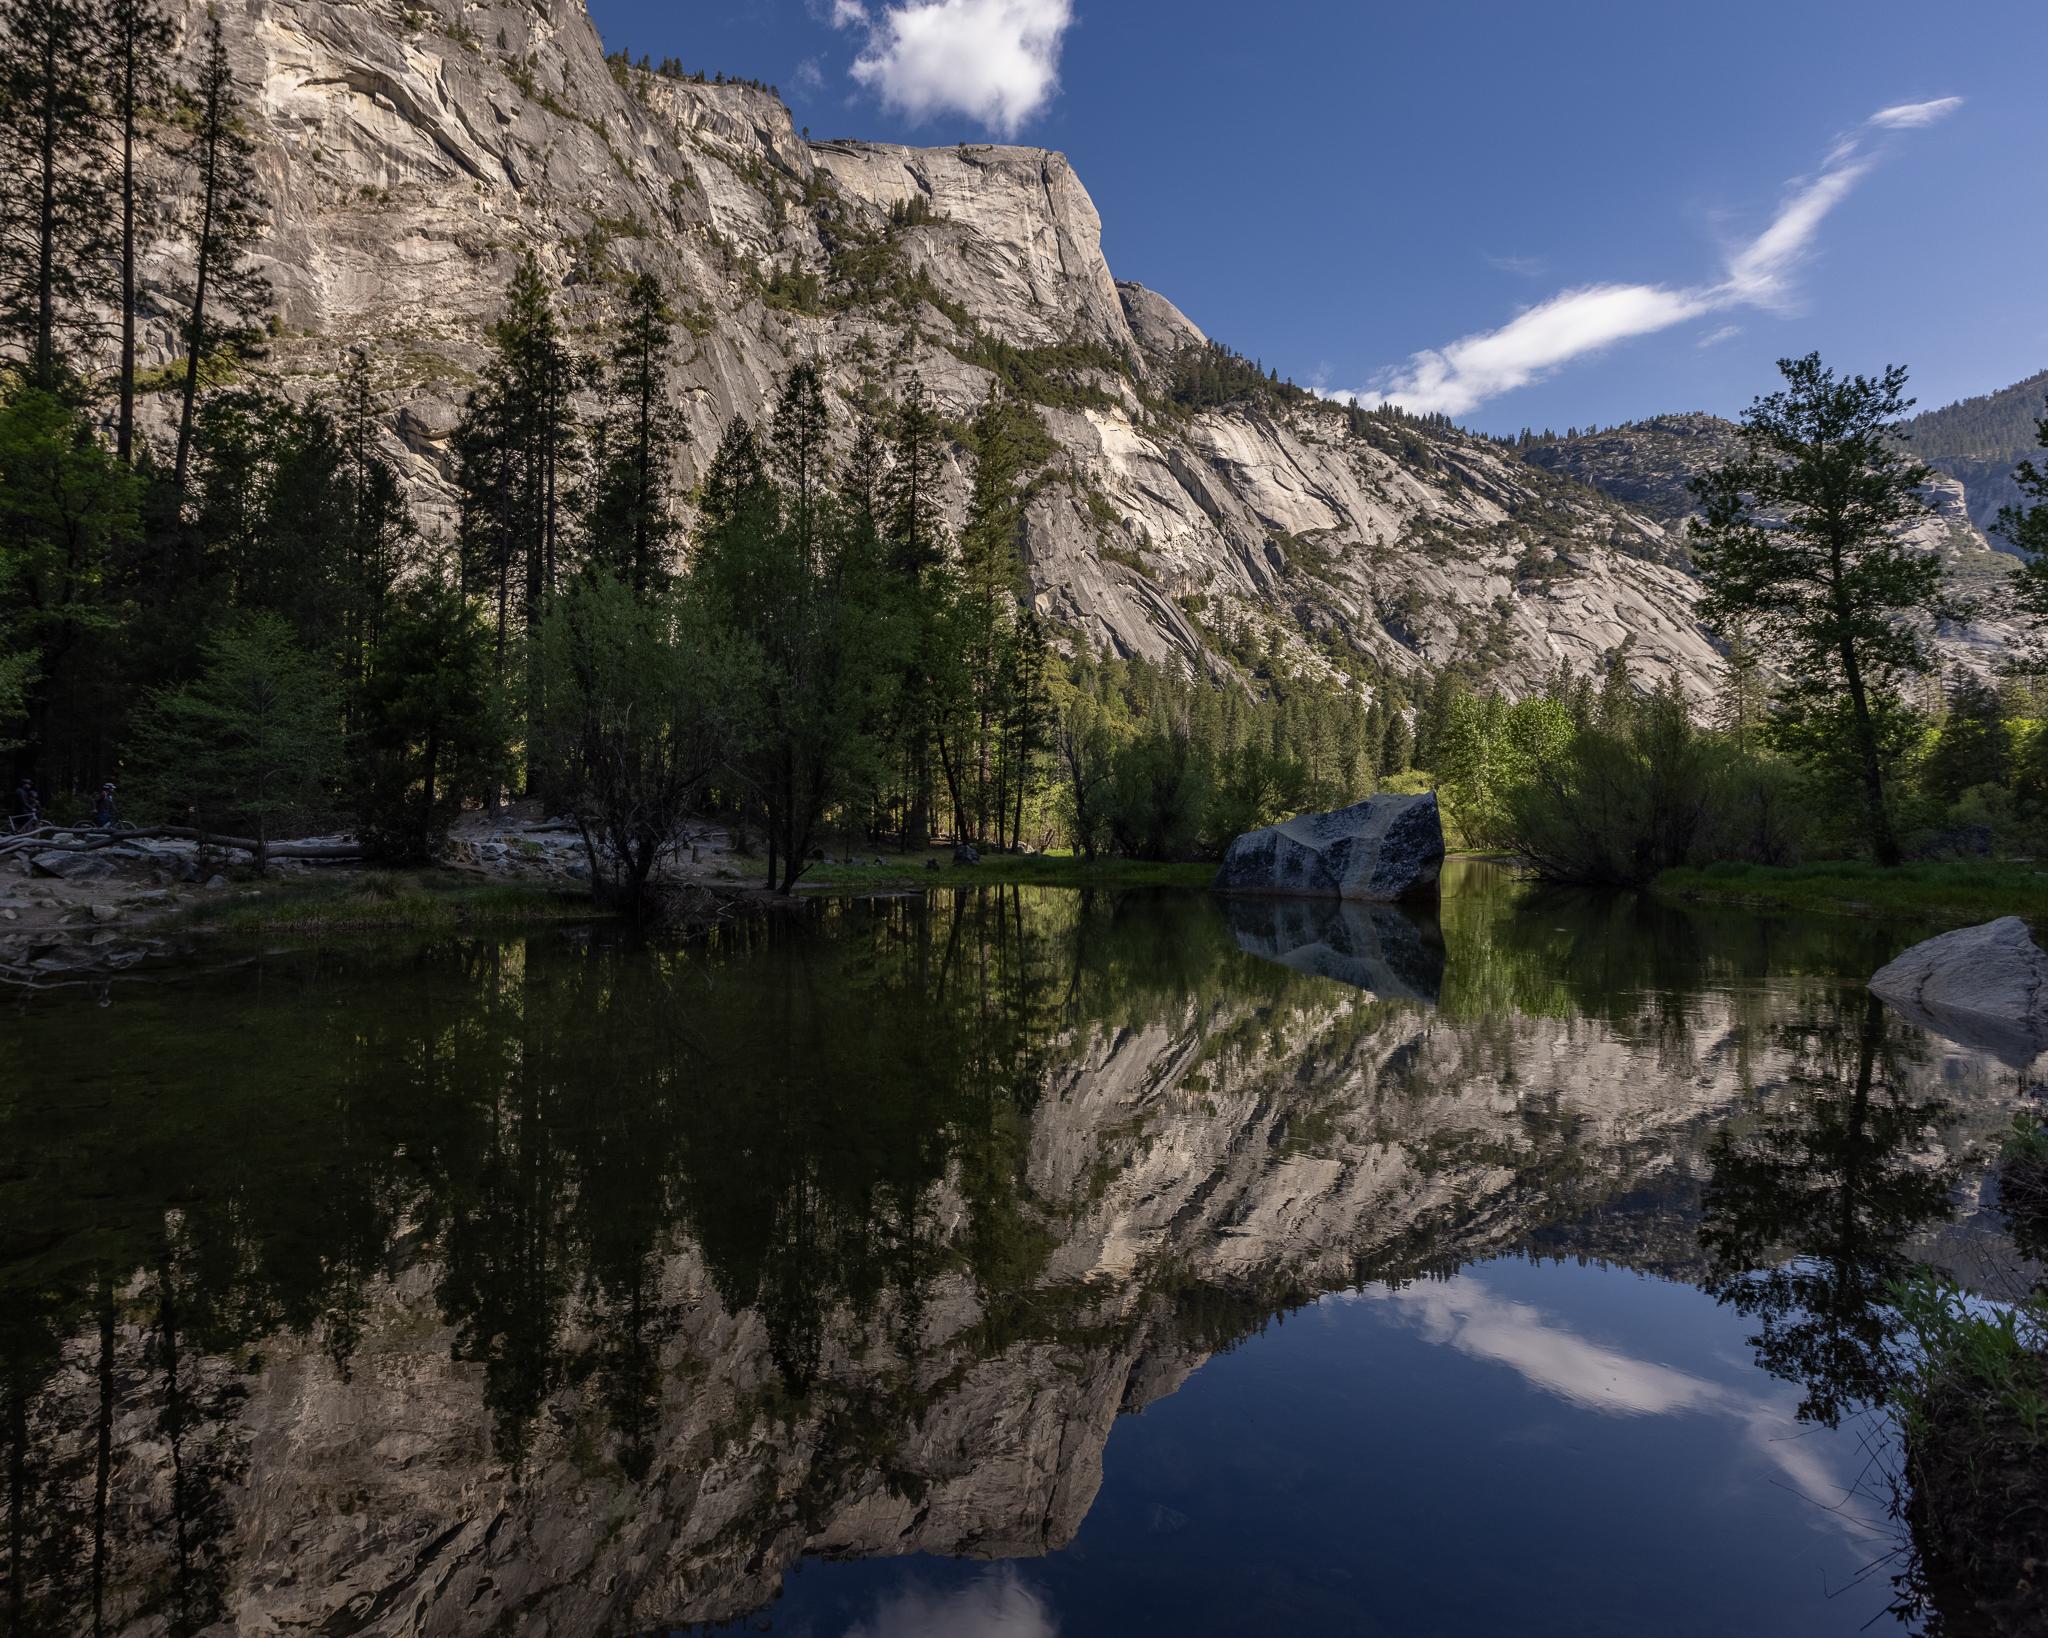 Hiking Mirror Lake